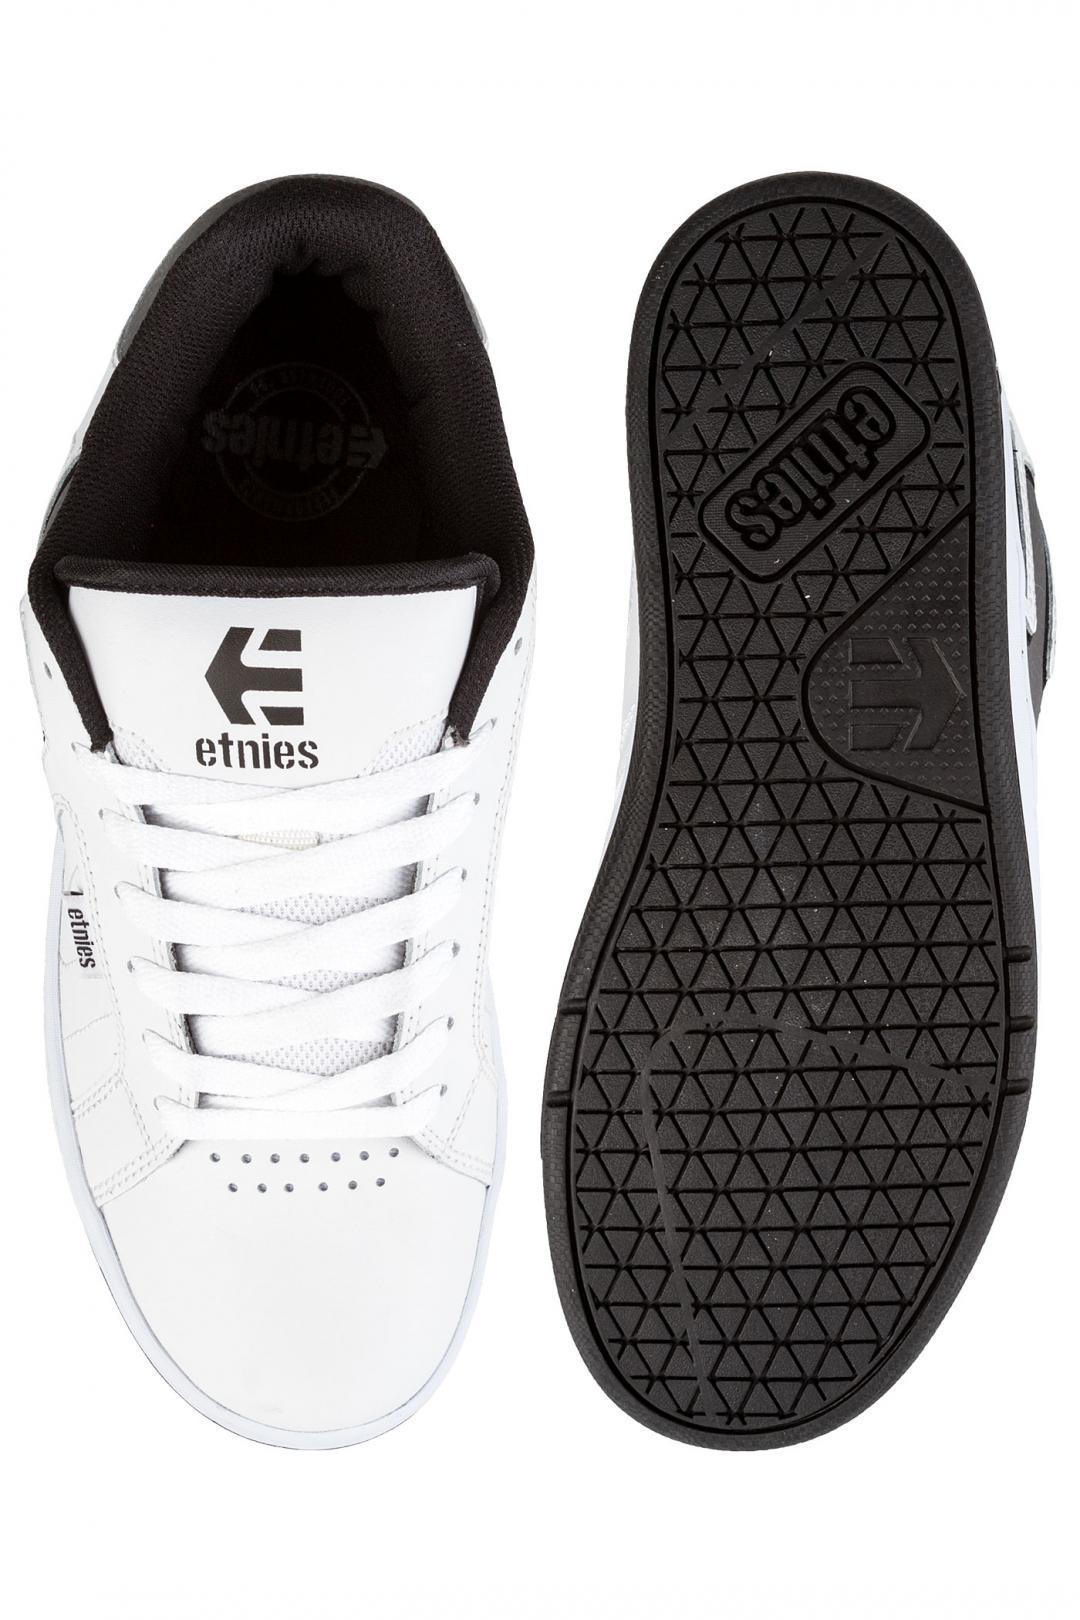 Uomo Etnies Fader 2 white grey black   Scarpe da skate